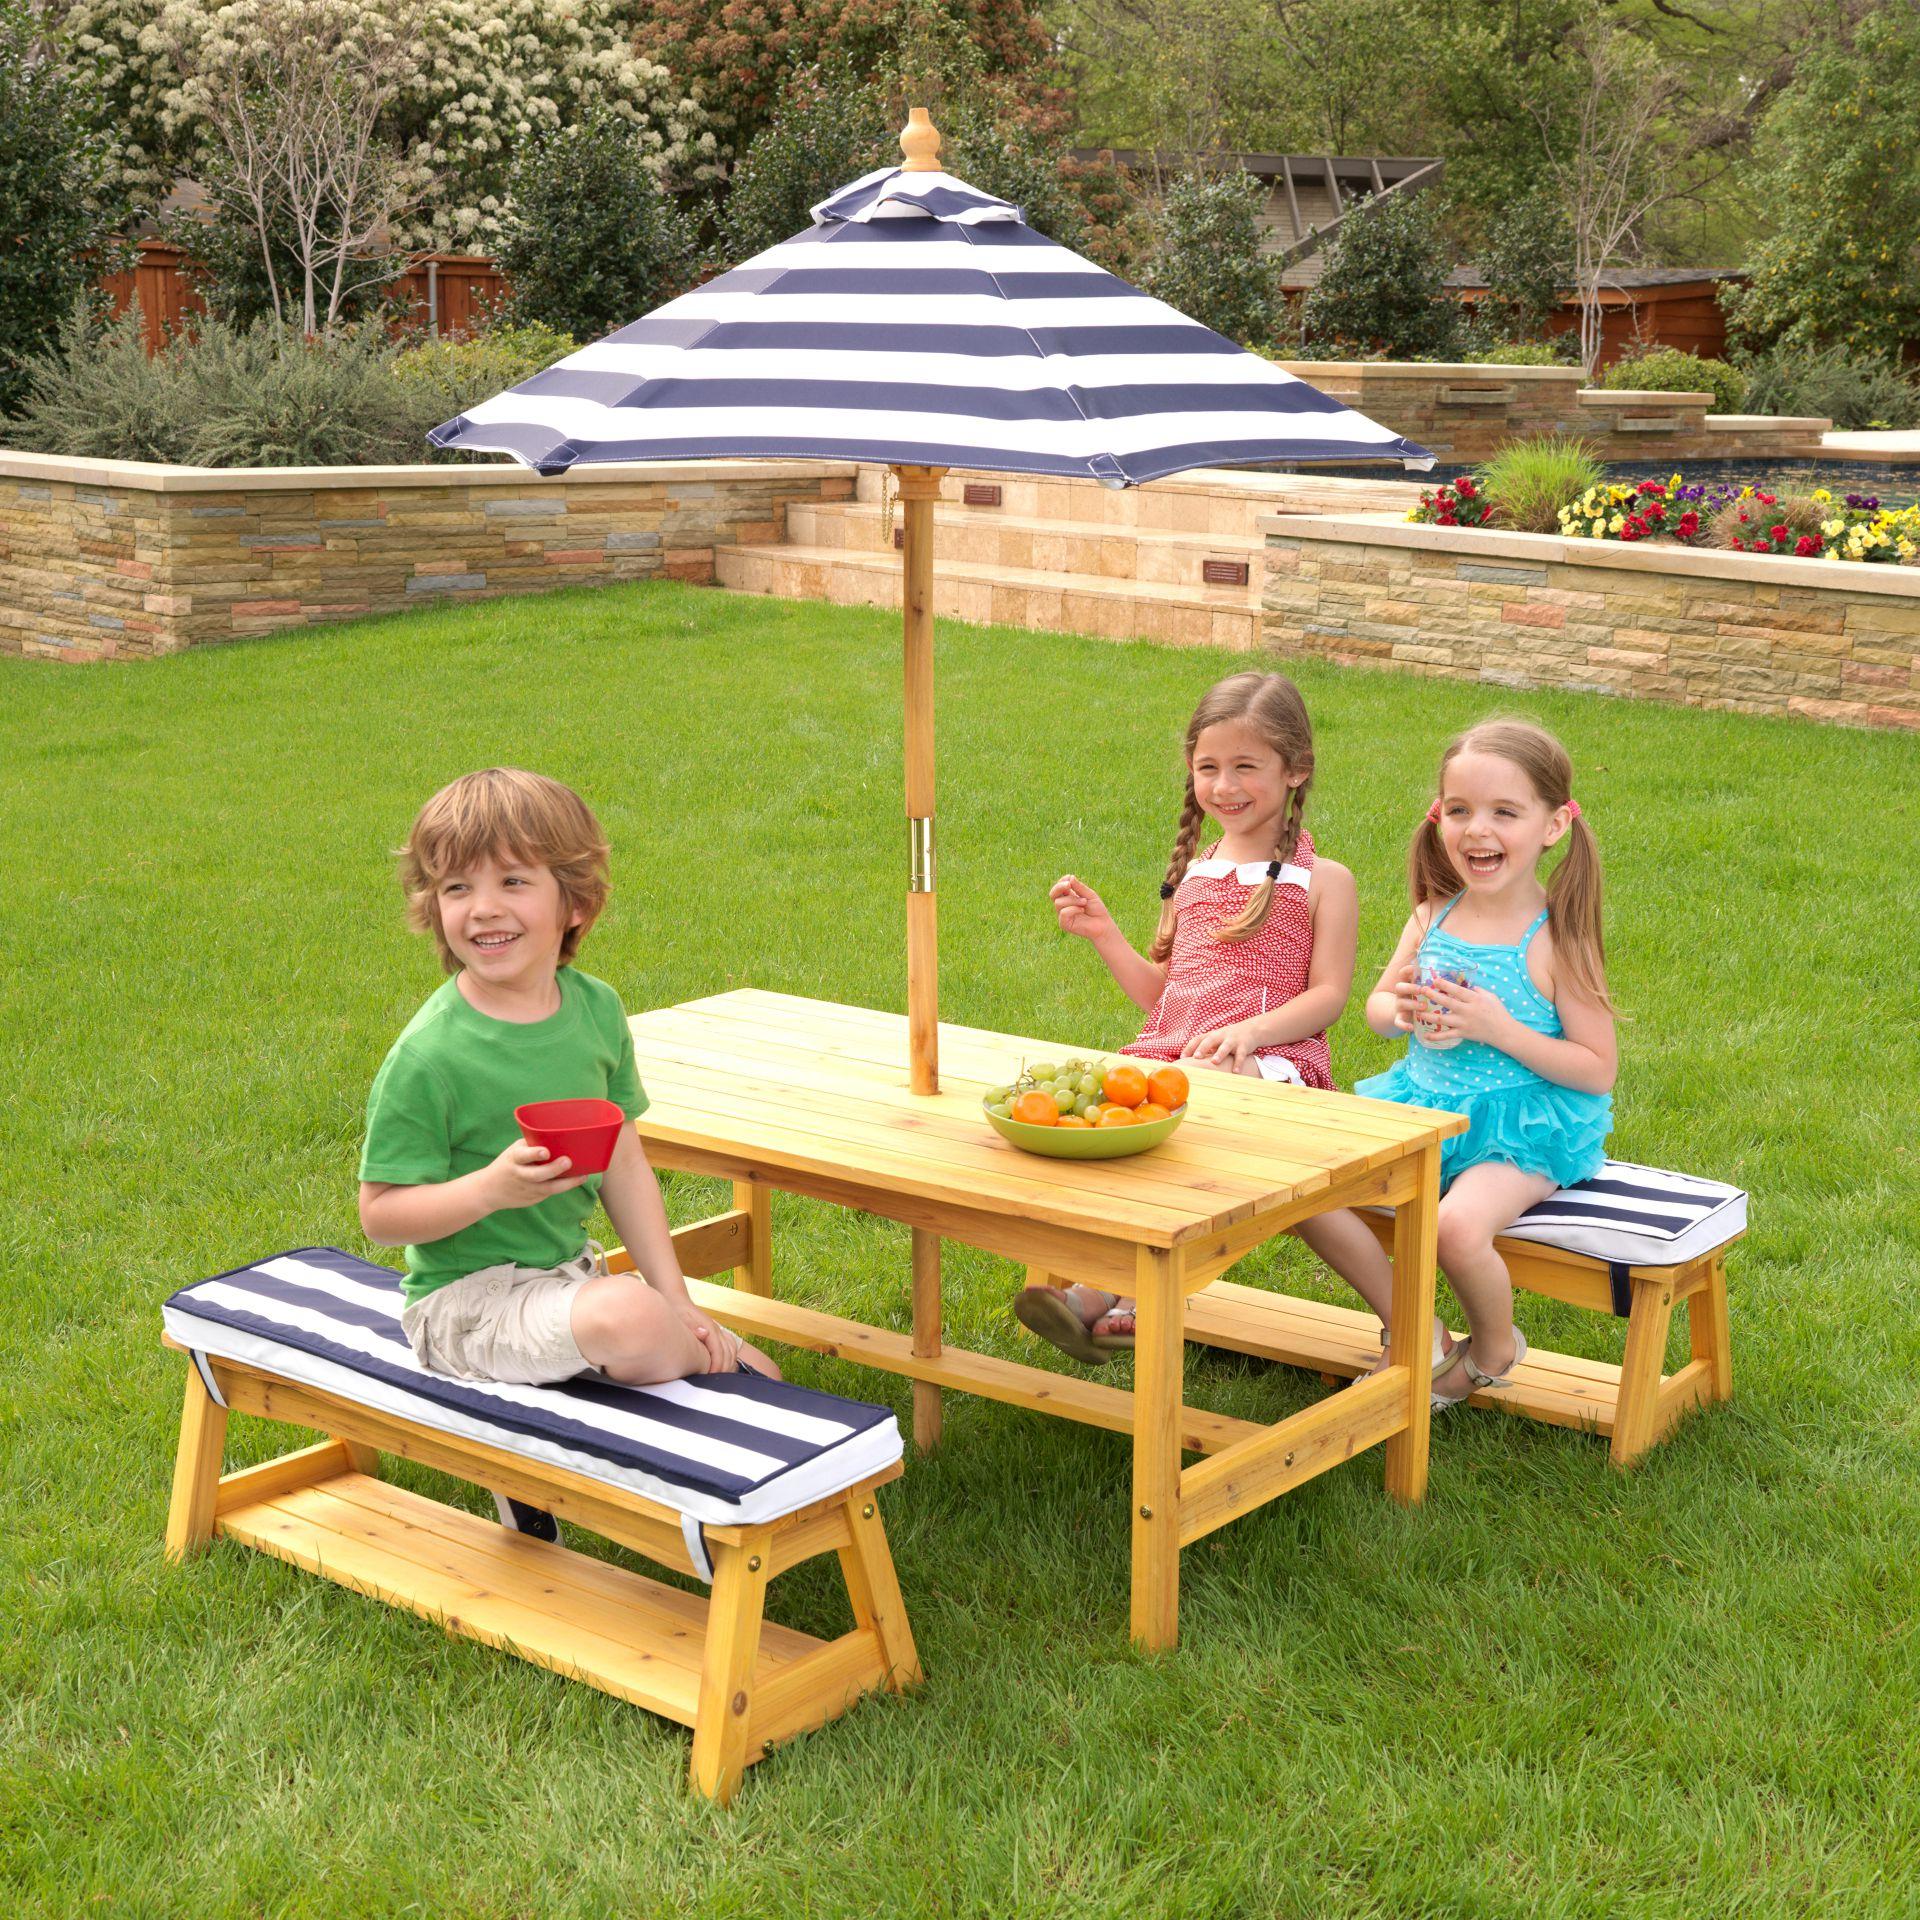 Emejing Juegos De Jardin Para Chicos Images - Doztopo.us - doztopo.us